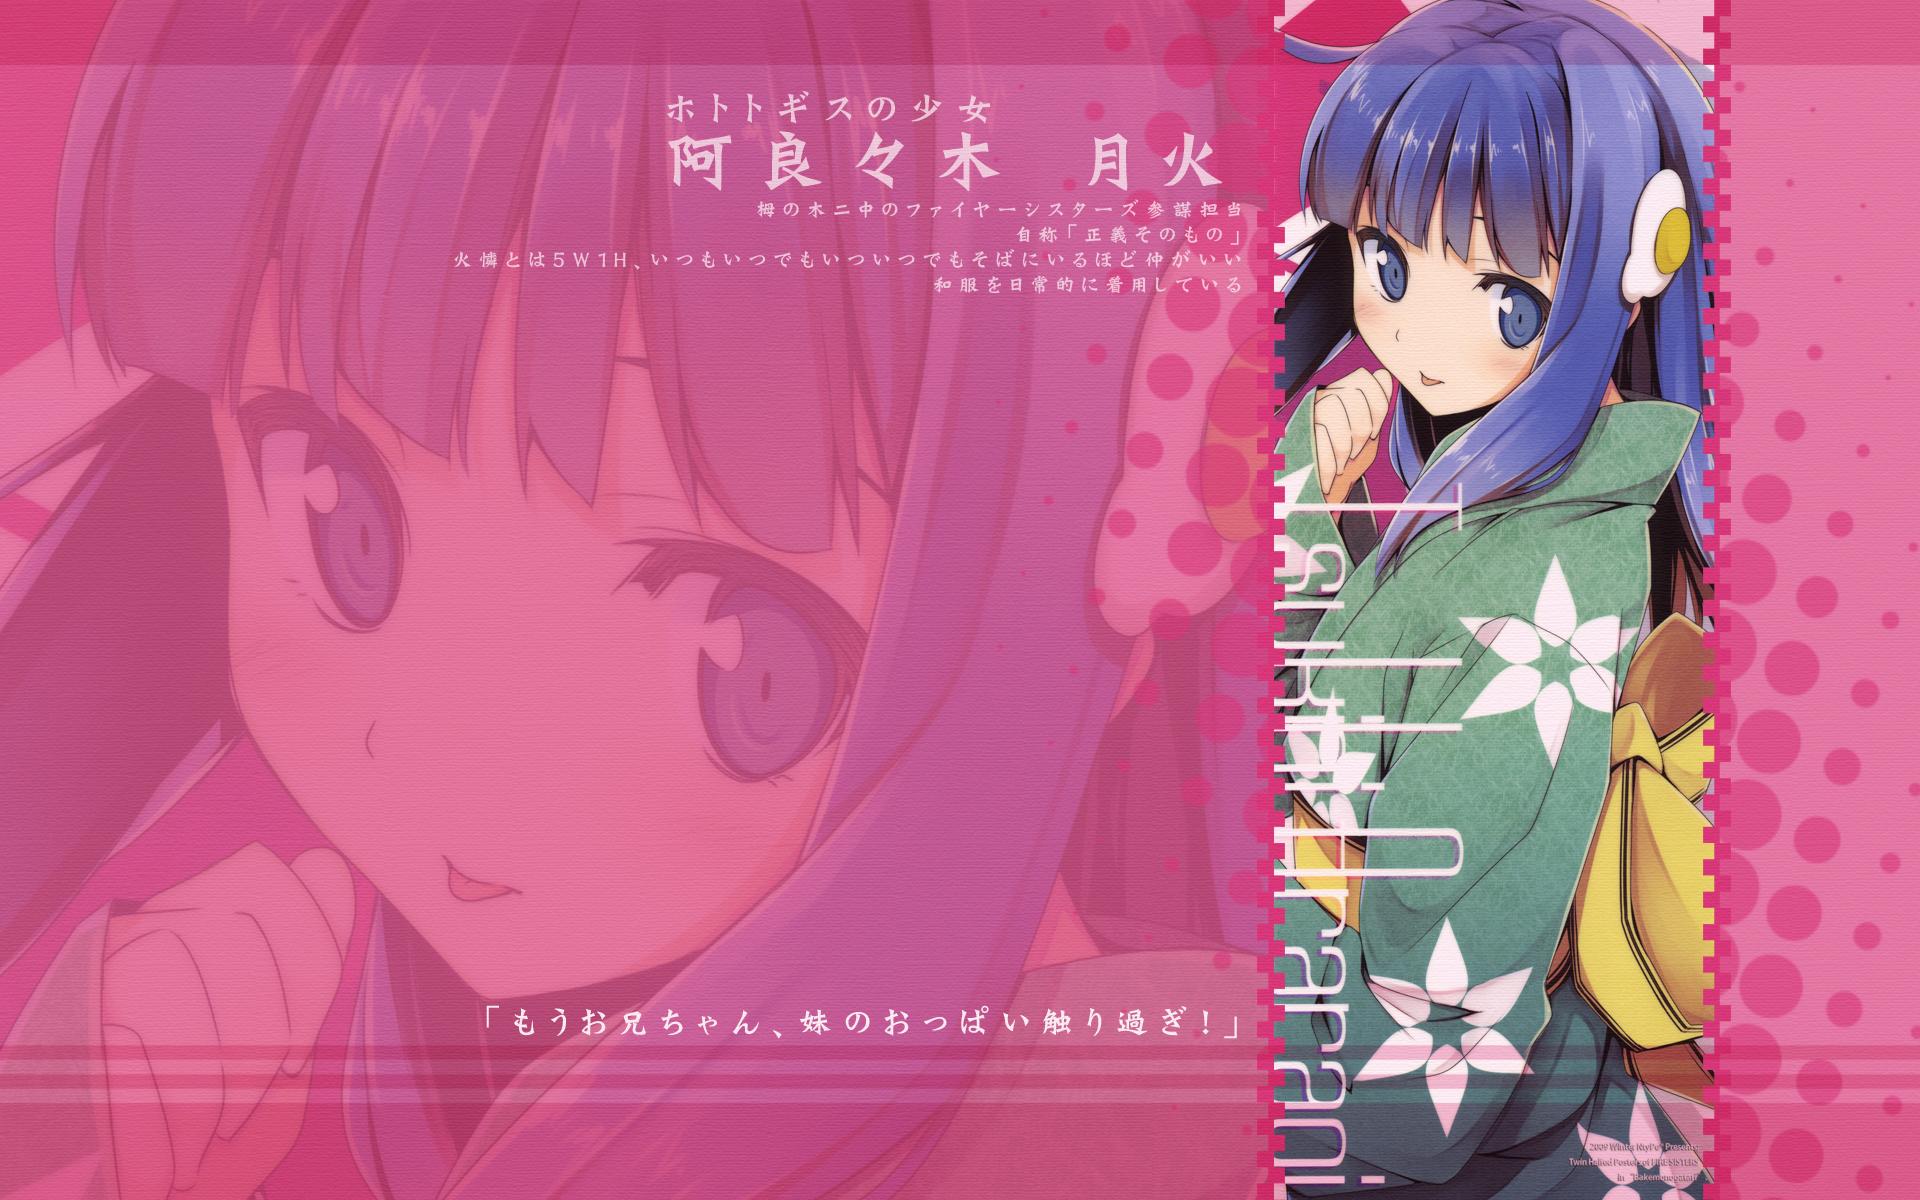 araragi_tsukihi bakemonogatari monogatari_(series) zoom_layer